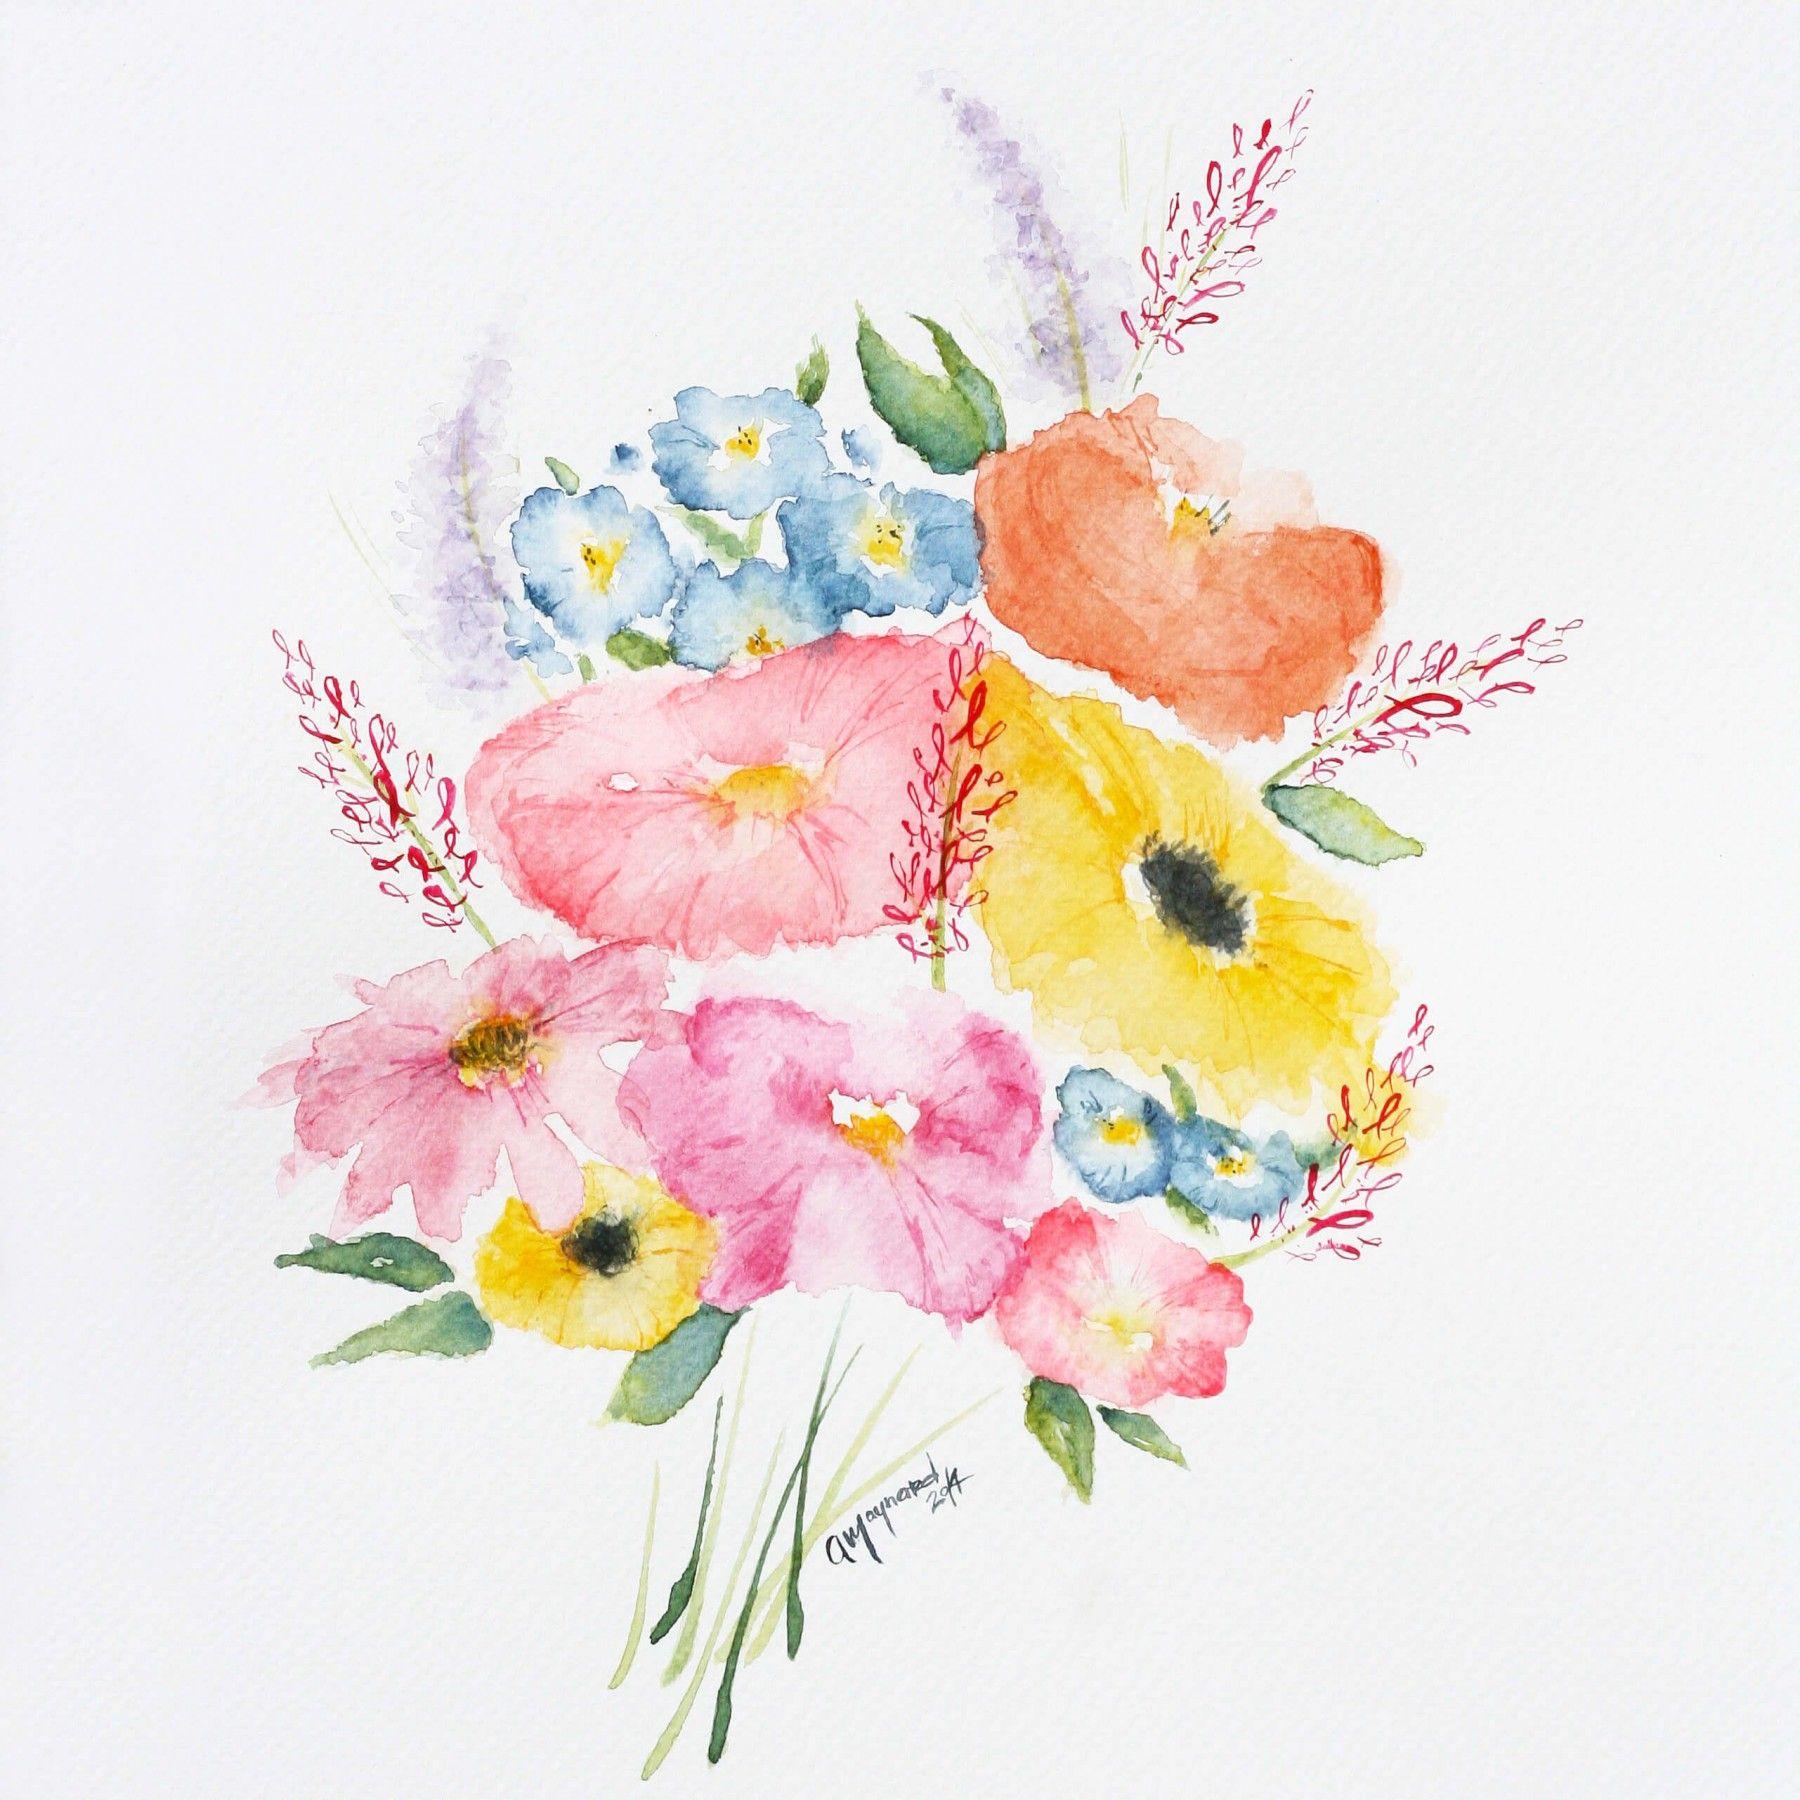 Bouquet De Fleurs A L Aquarelle Deserres En 2020 Fleurs A L